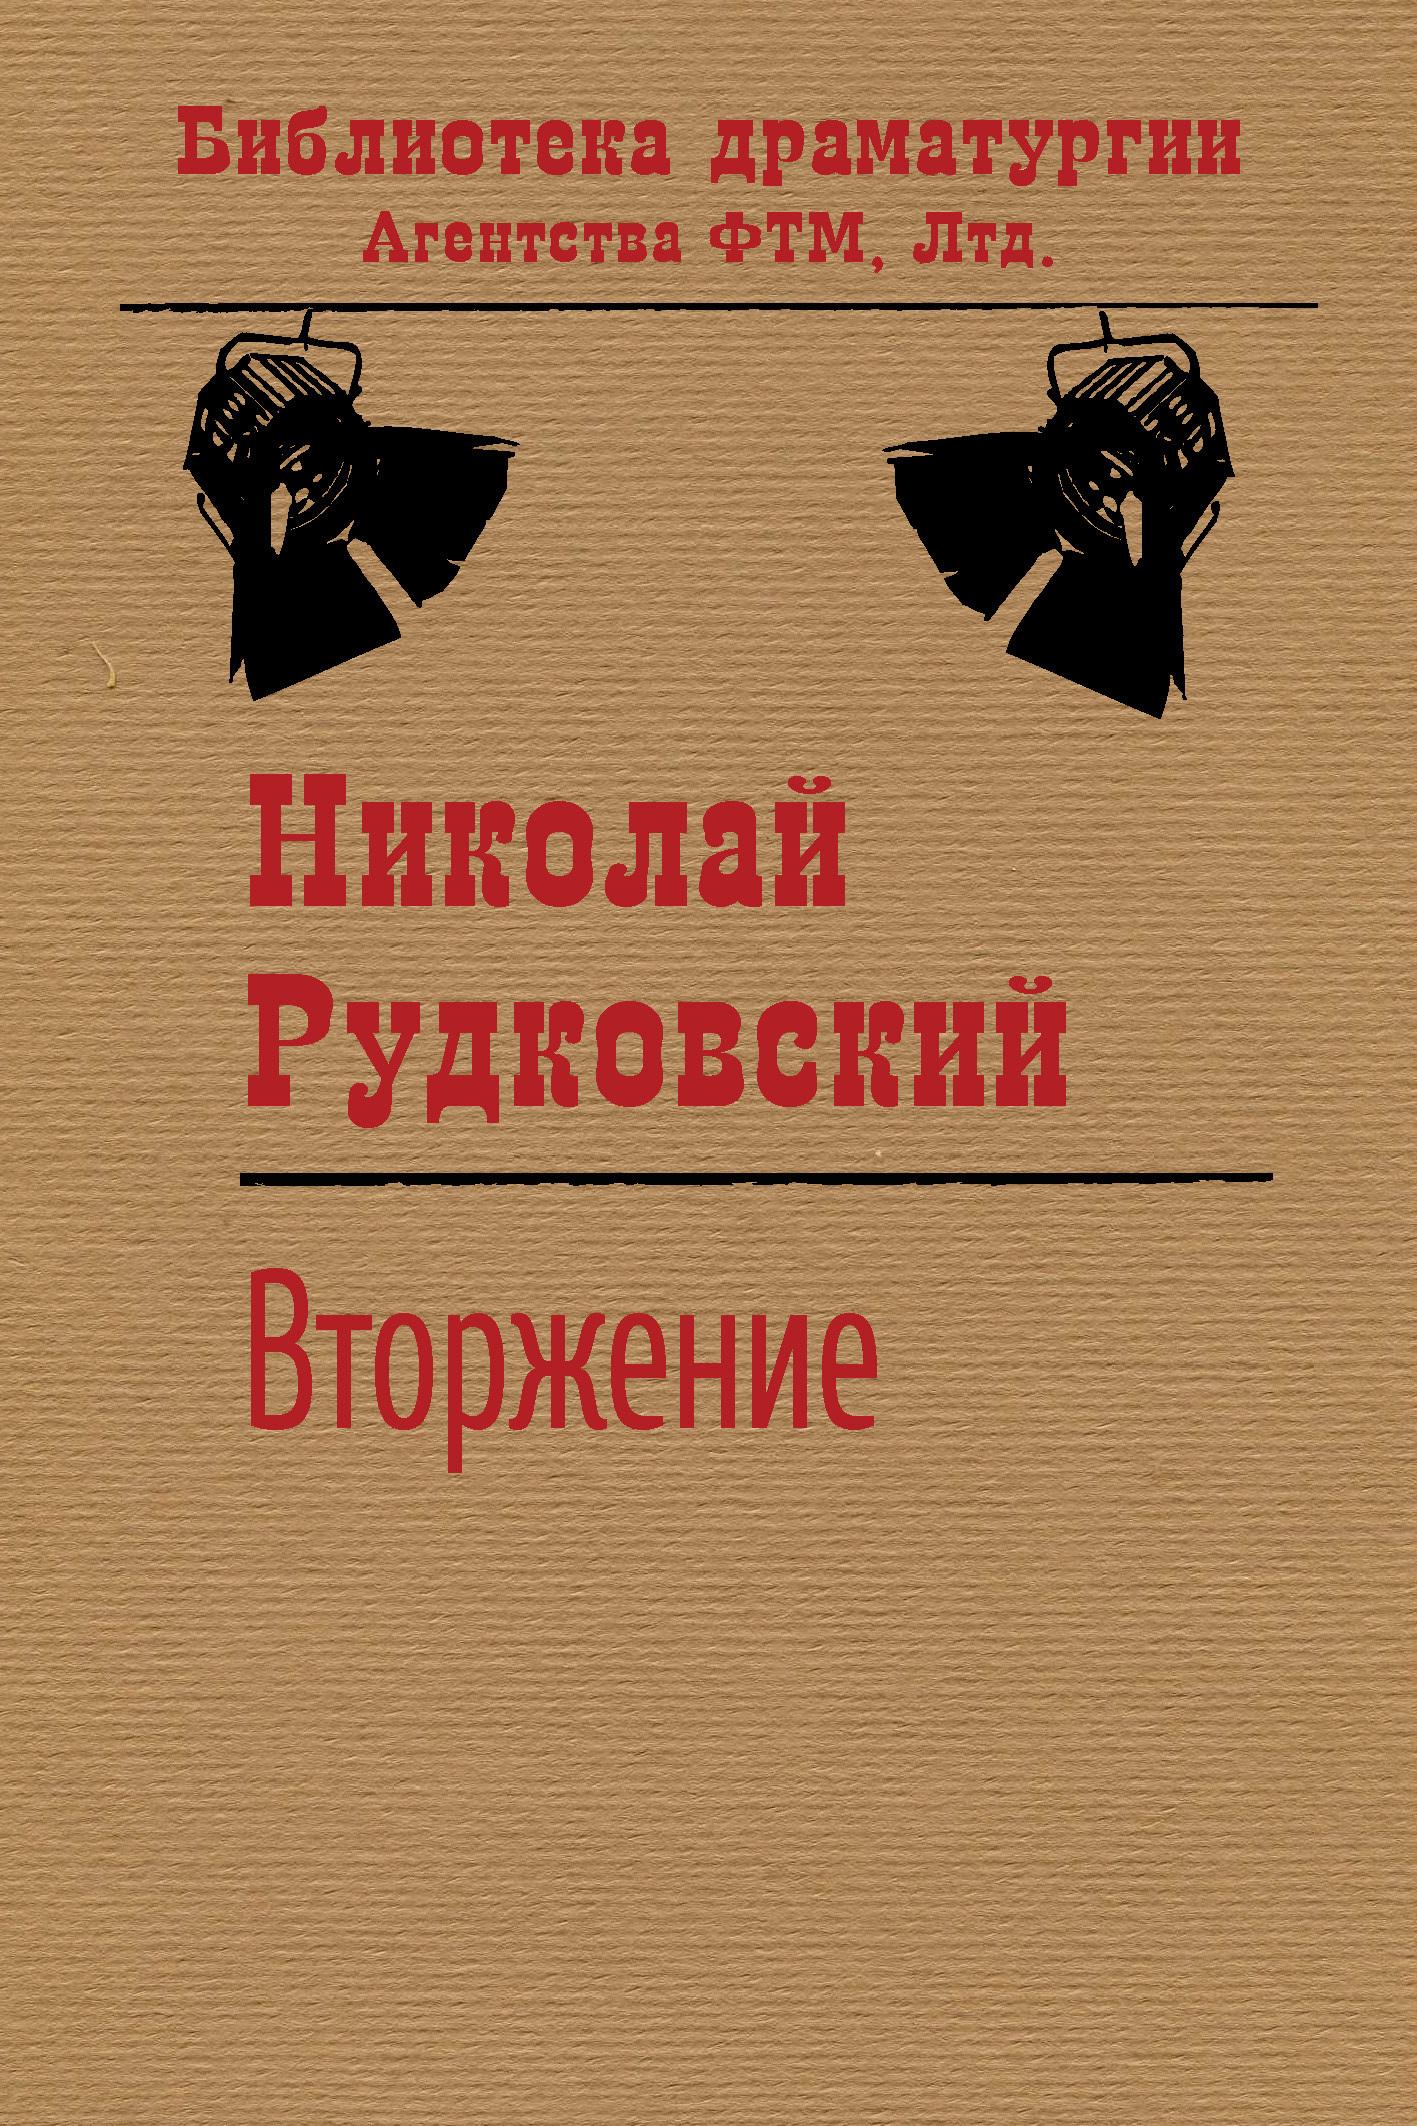 Николай Рудковский - Вторжение